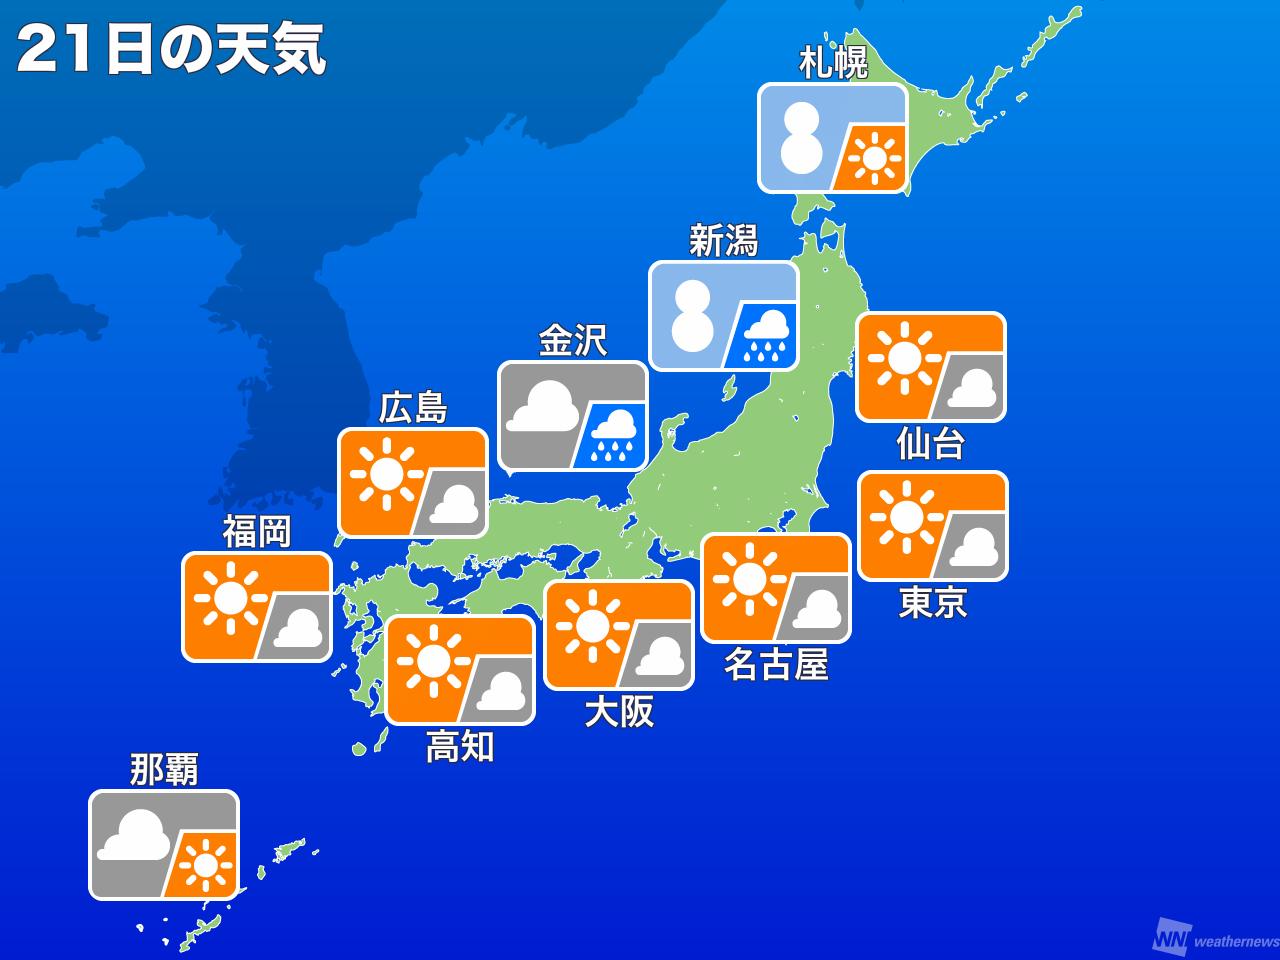 今日 の 天気 宇都宮 宇都宮市の天気 - Yahoo!天気・災害